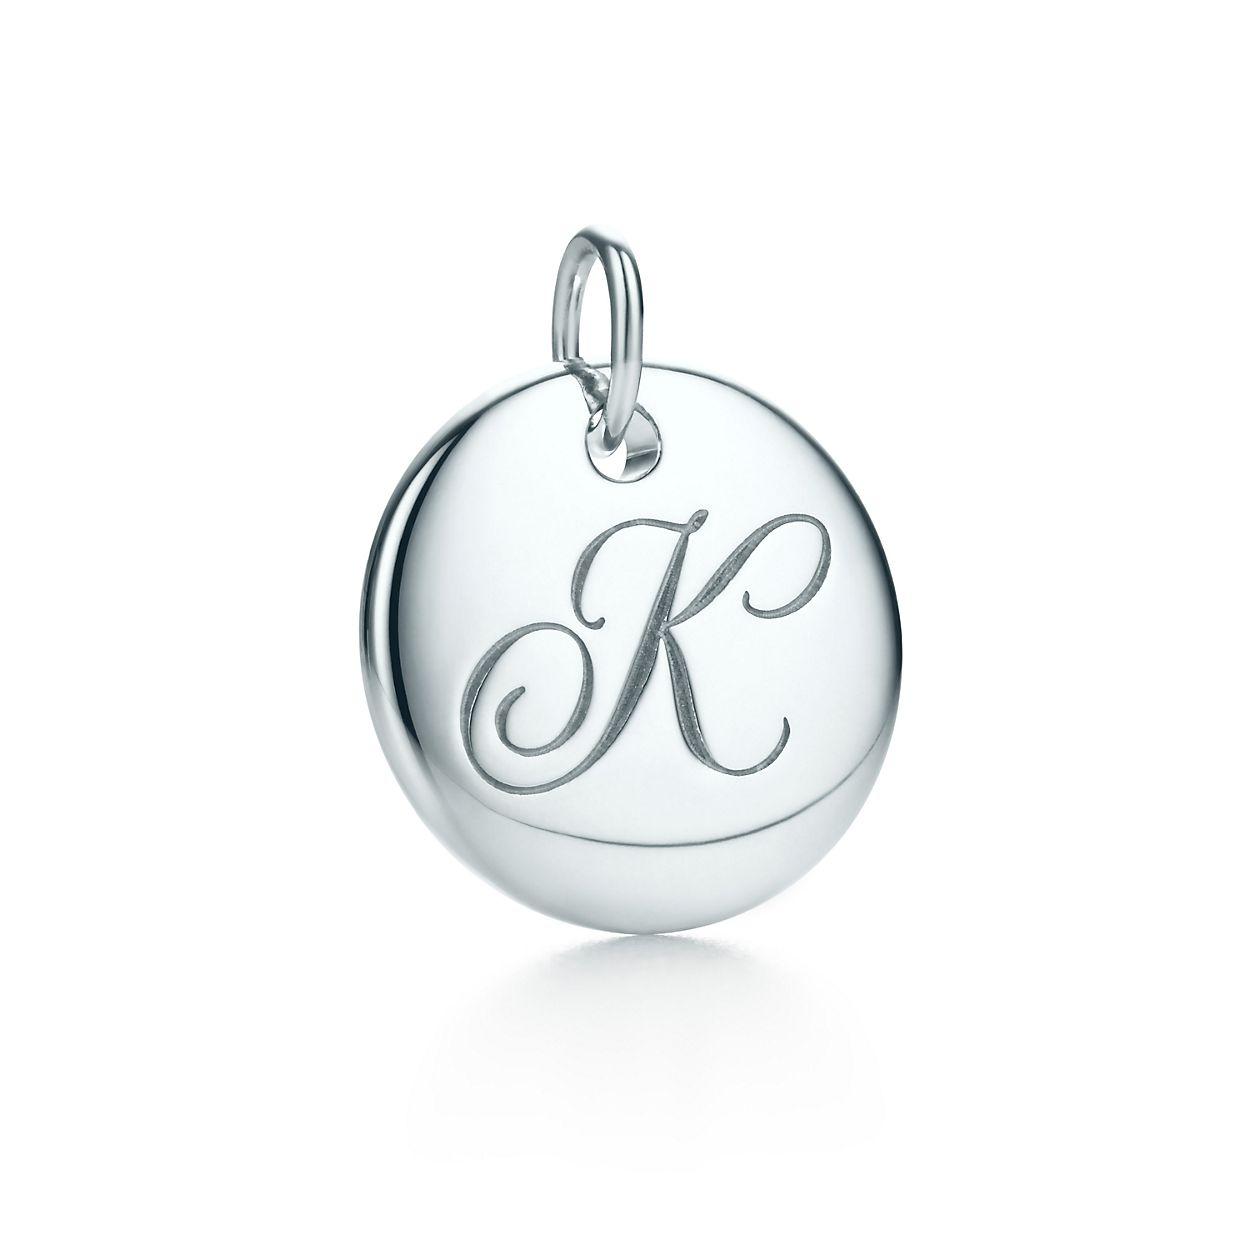 Tiffany Note Charme Du Disque Alphabet En Argent, Les Petites Lettres Az Disponible - Taille K Tiffany & Co.